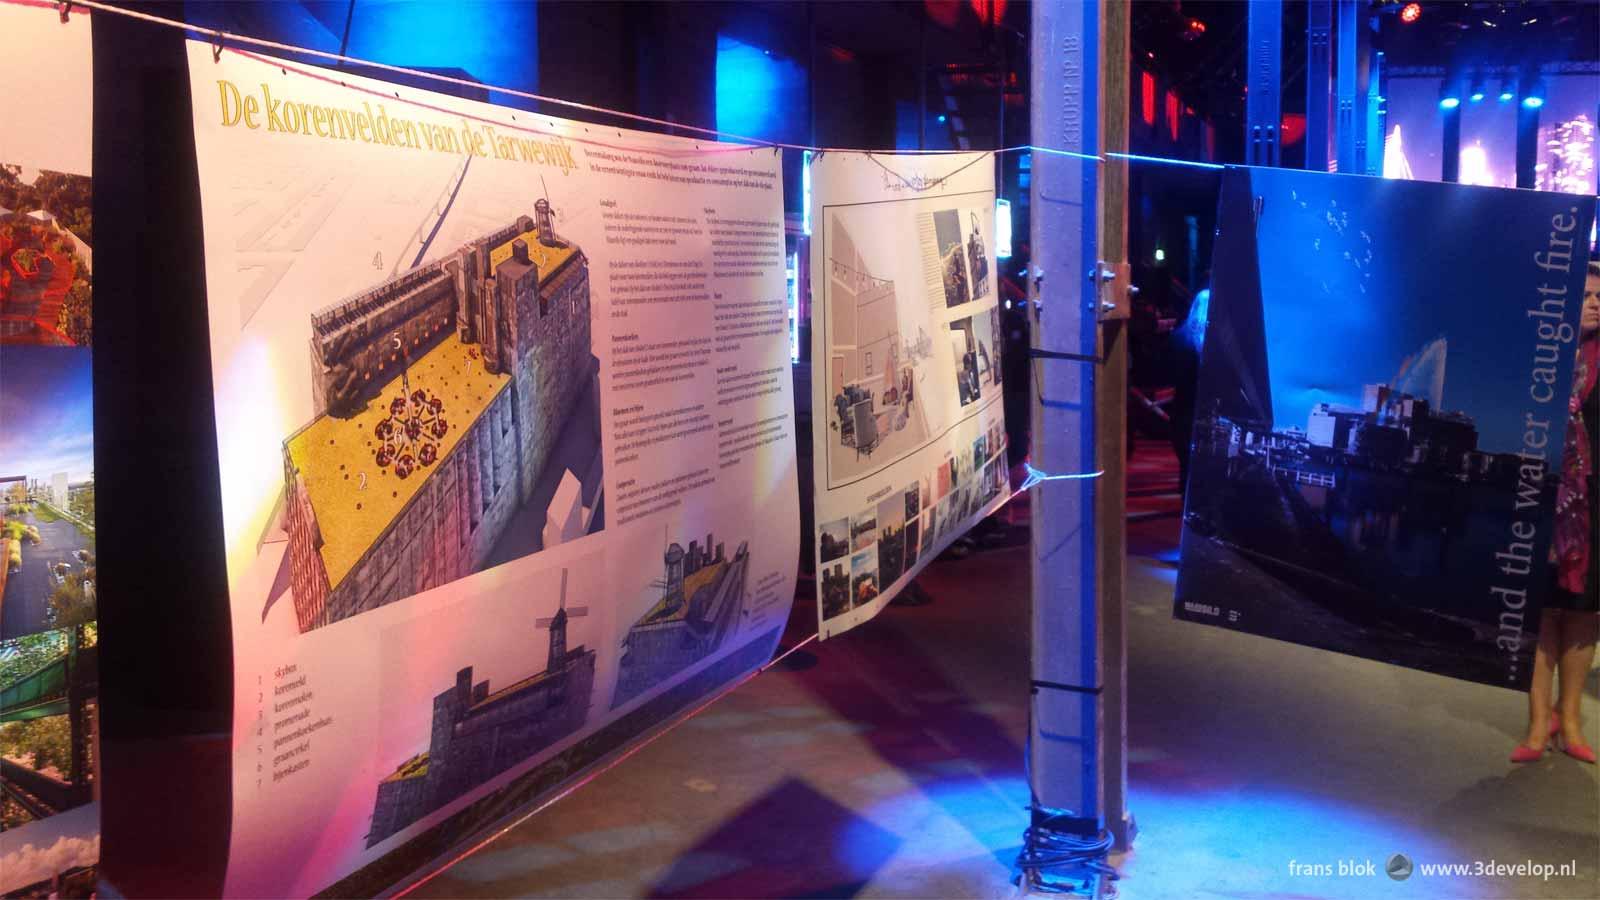 Tentoonstelling van de inzendingen van de prijsvraag voor het dak en de skybox van de Maassilo, in de ruimte waar doorgaans discotheek Now & Wow gevestigd is